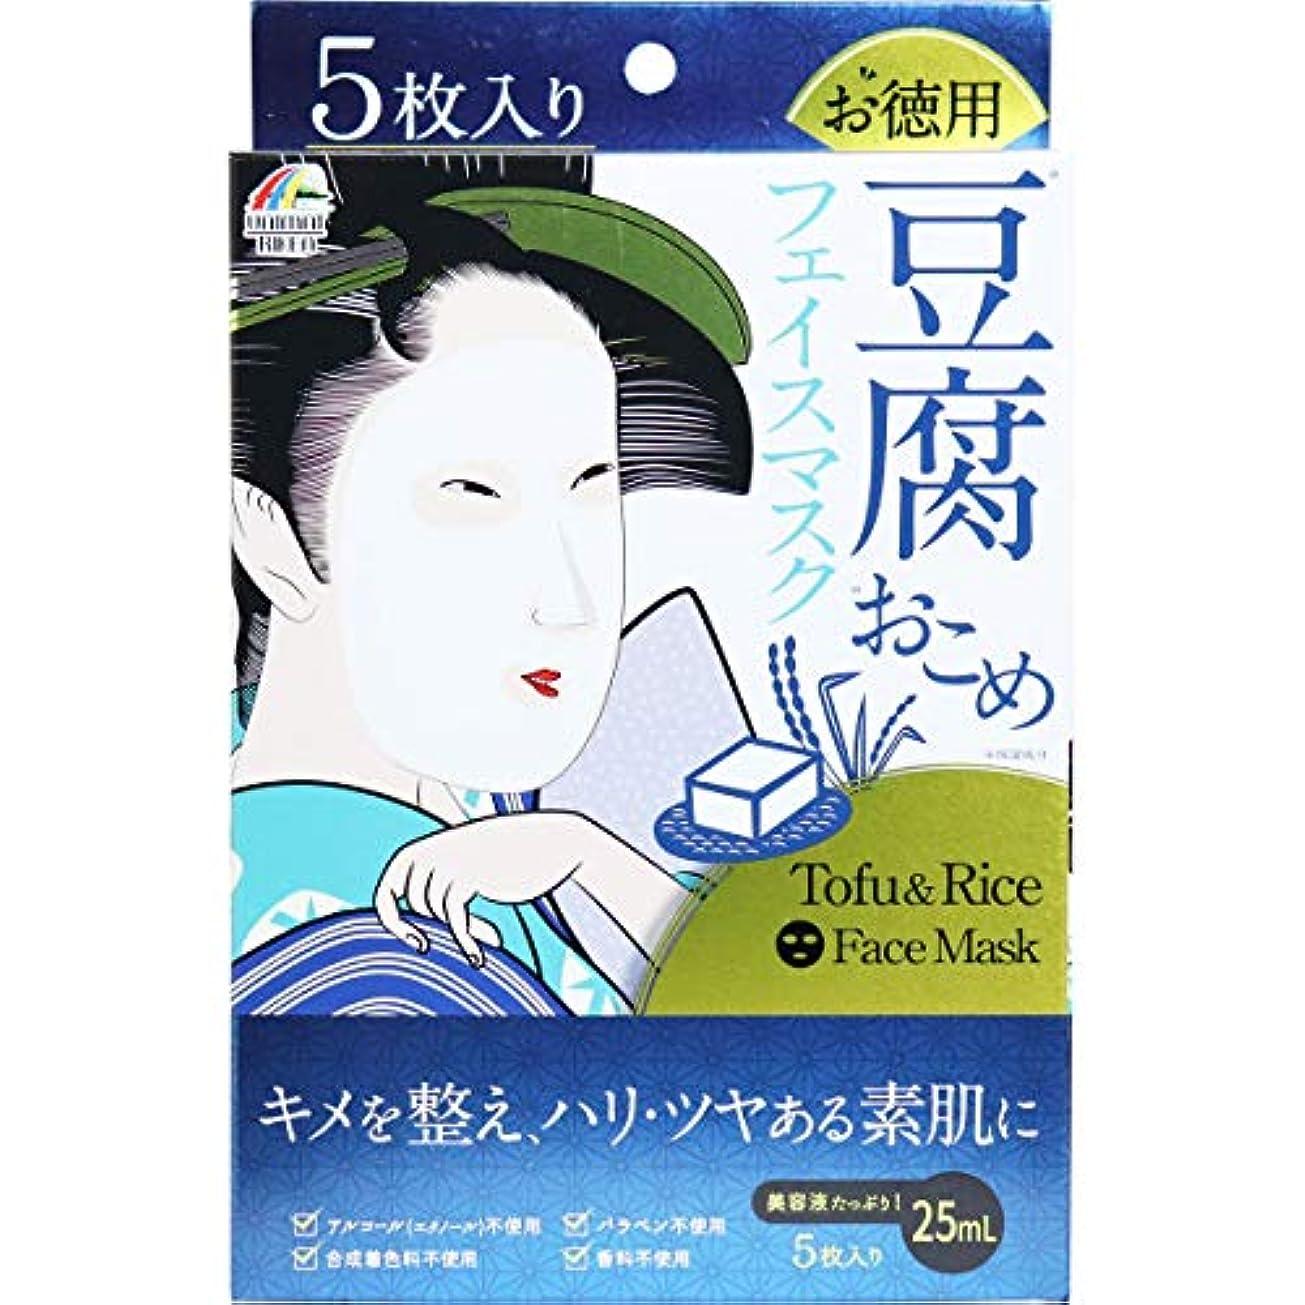 ユニマットリケン 豆腐おこめフェイスマスク 5枚入り